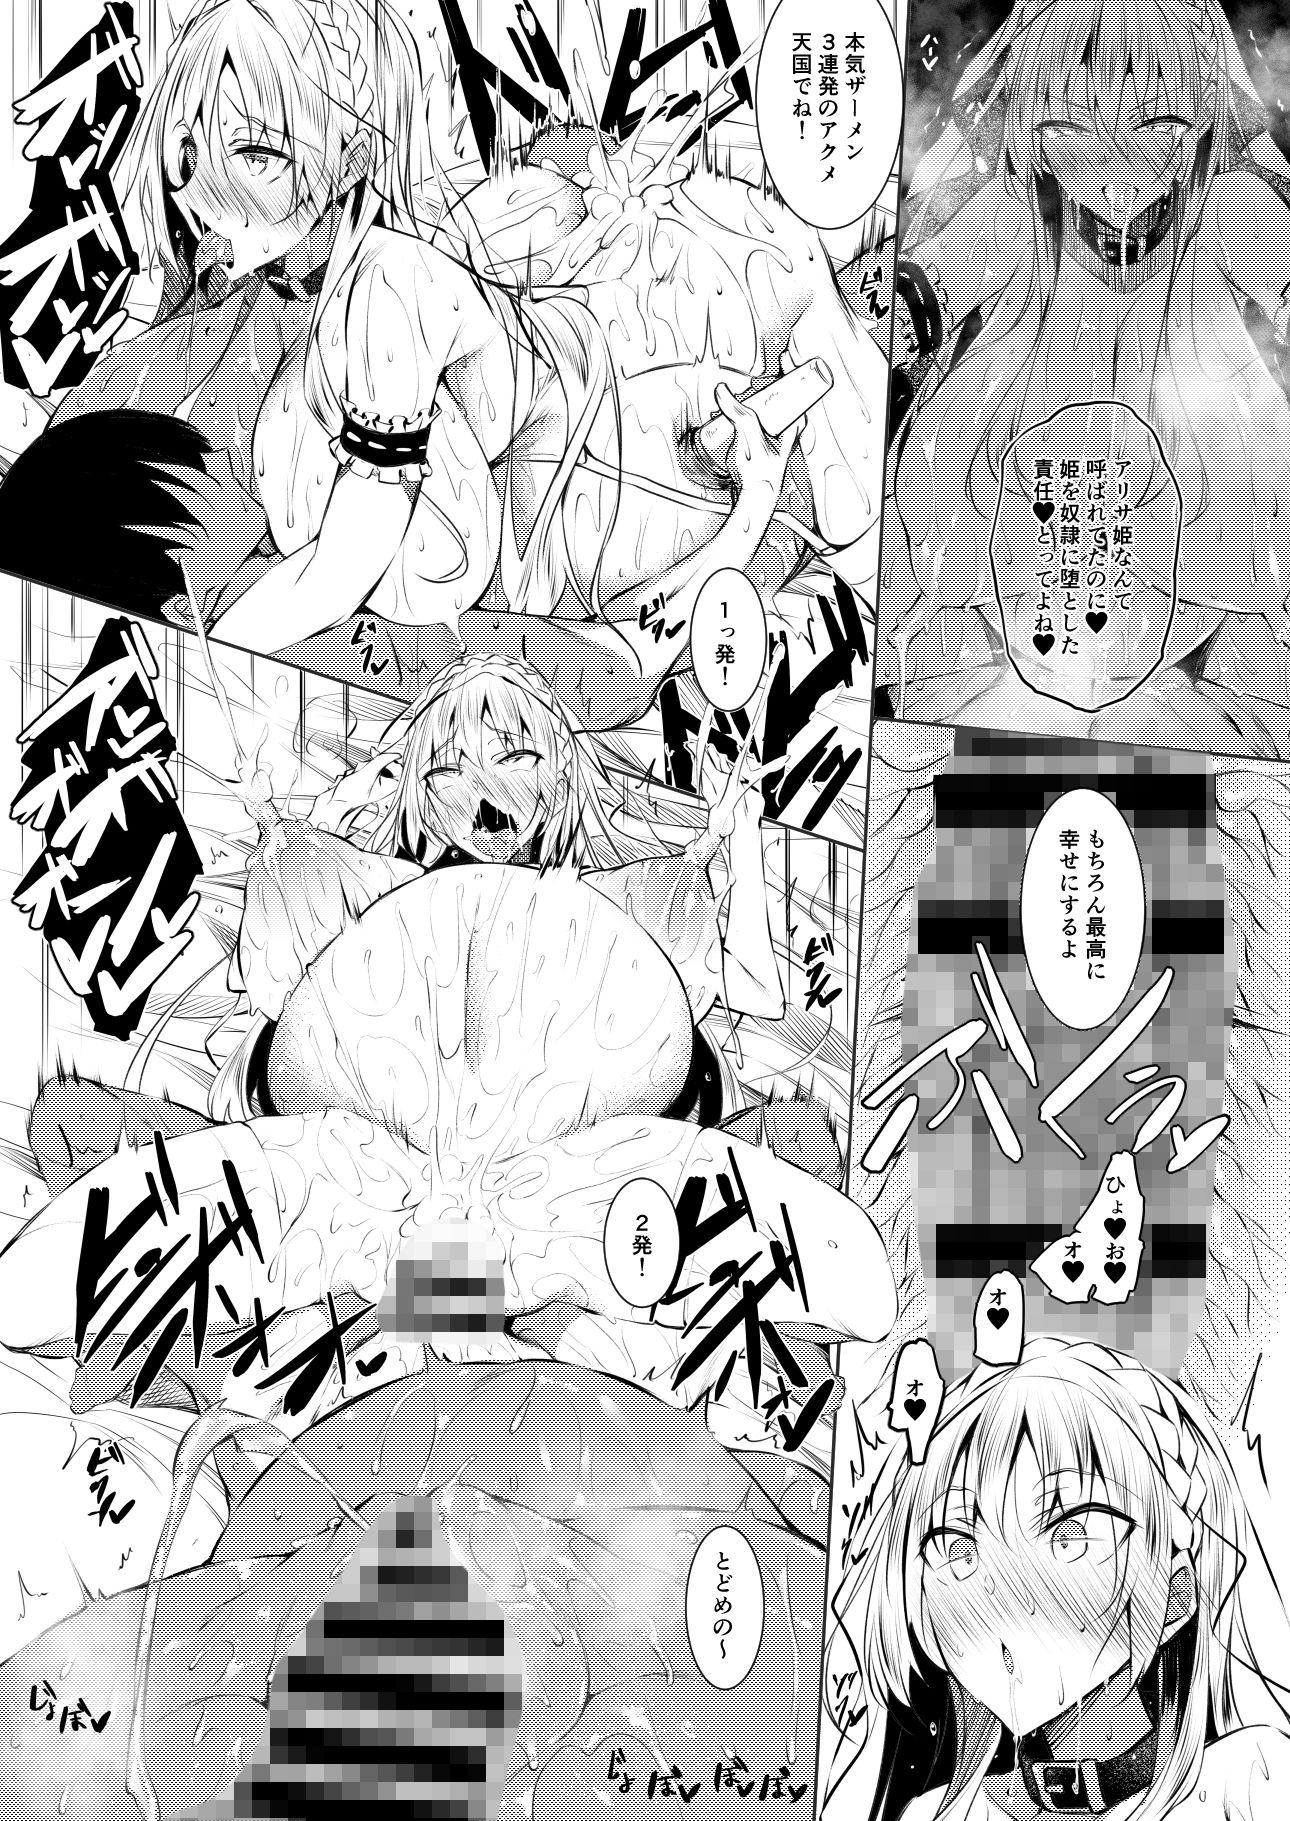 【エロ漫画無料大全集】【ハーレムエロマンガ】爆乳娘達を快楽堕ちさせるハーレムプレイが裏山すぎるんですけどwww